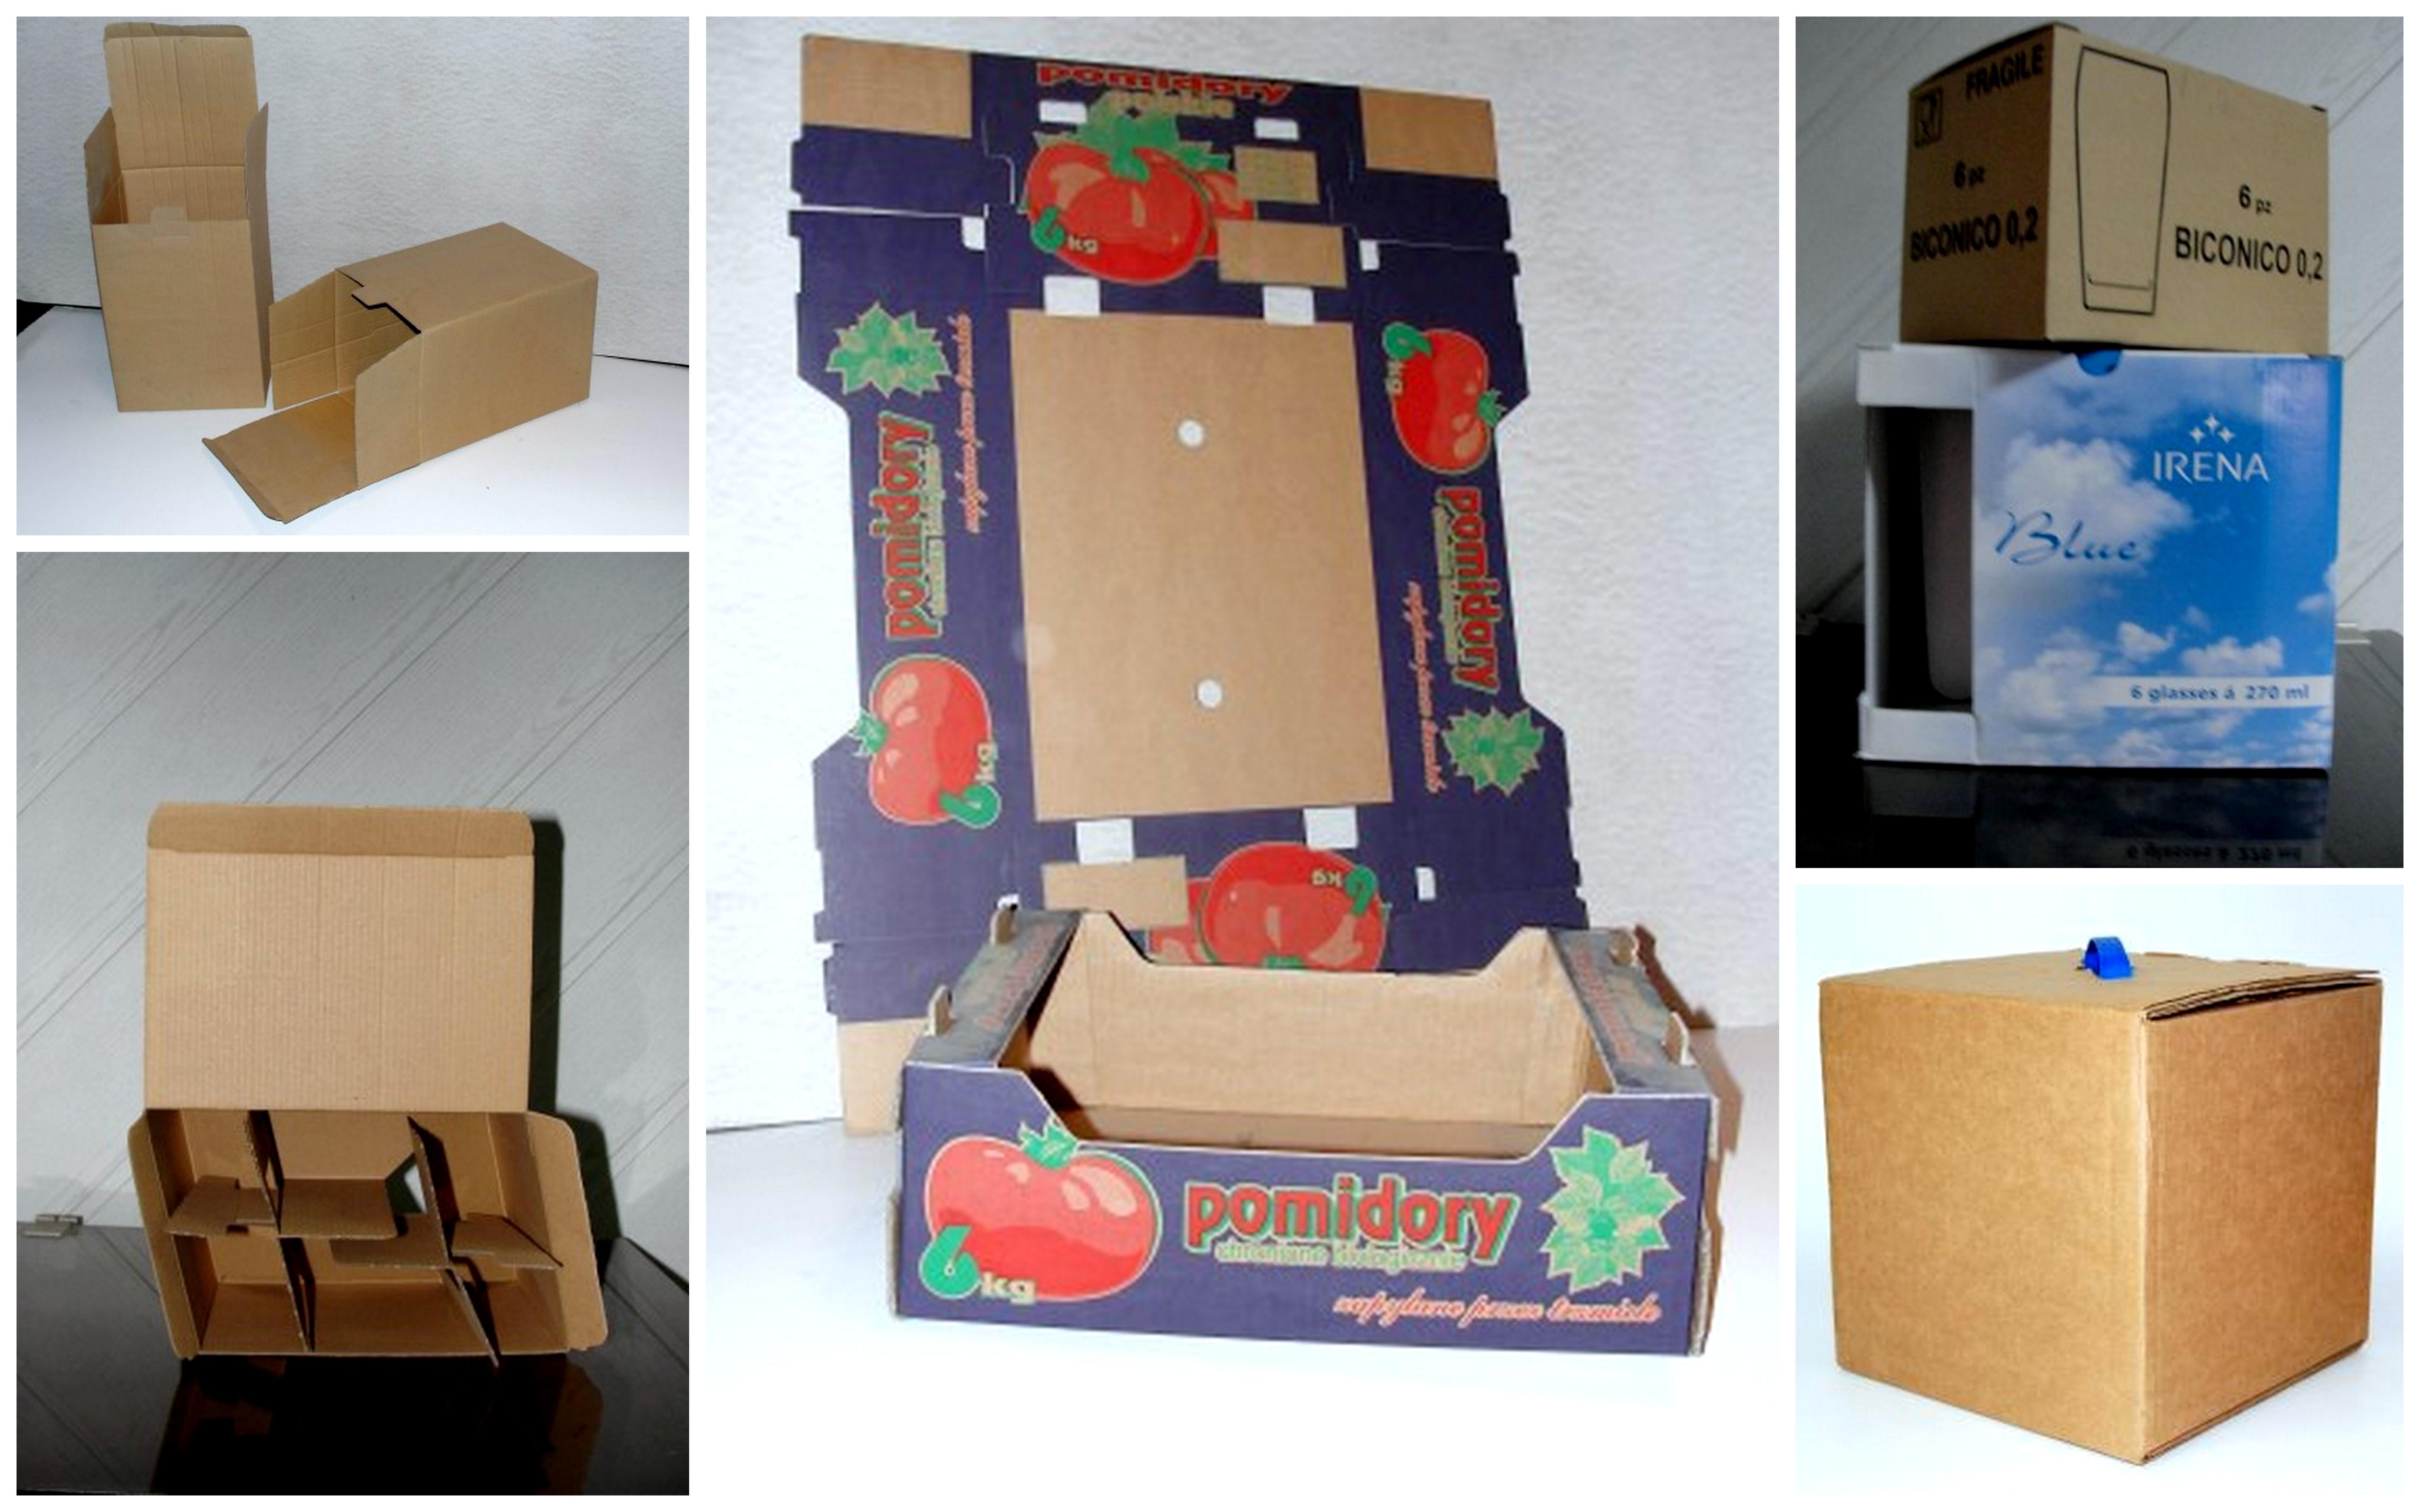 mega box jaros aw konwent polnischer hersteller von verpackungen aus pappe und karton. Black Bedroom Furniture Sets. Home Design Ideas